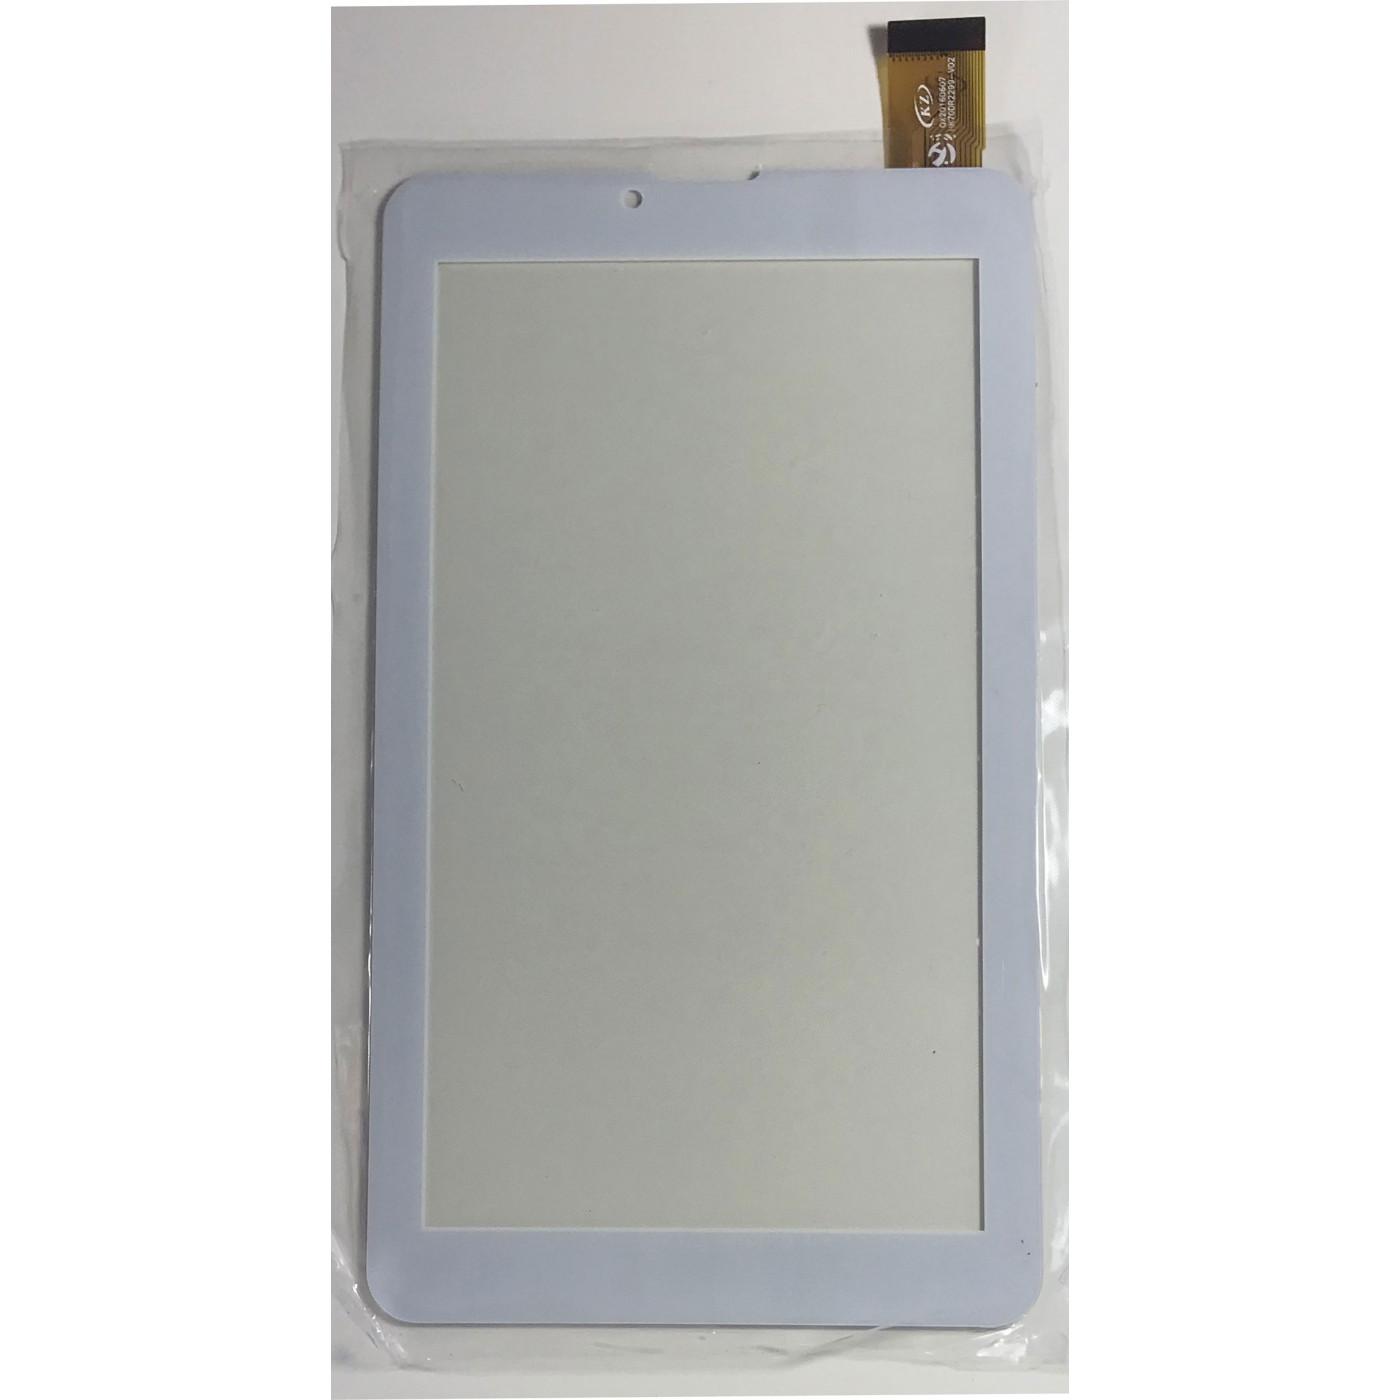 PANTALLA TÁCTIL Para el digitalizador de tableta Majestic TAB-386 HD 3G GLASS 7.0 blanco